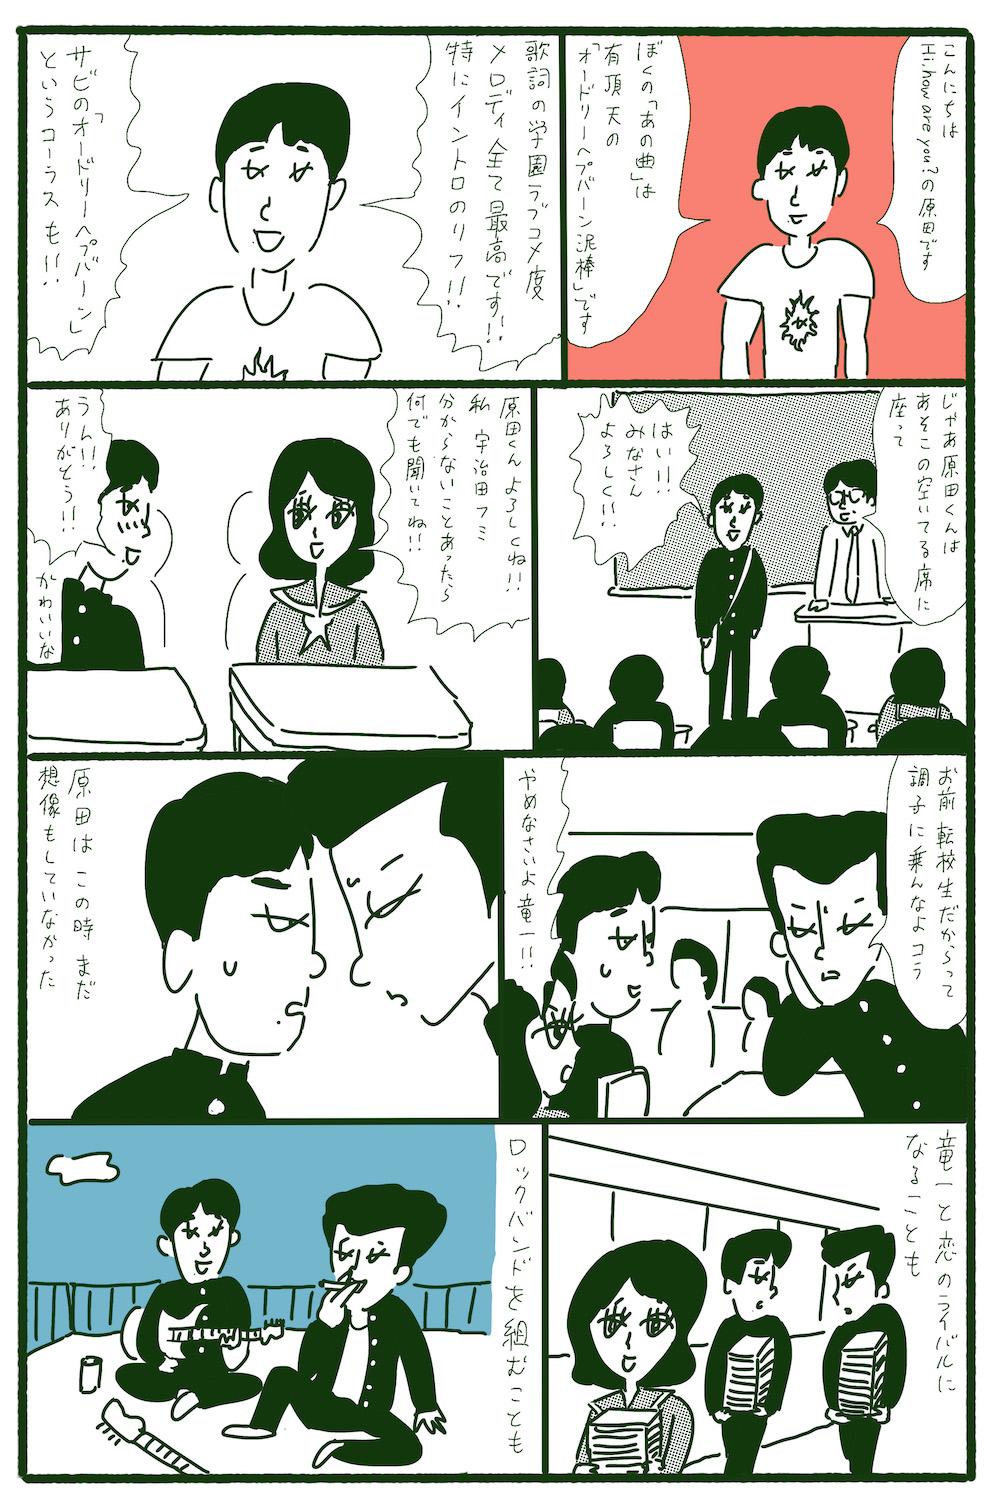 原田晃行 大橋裕之